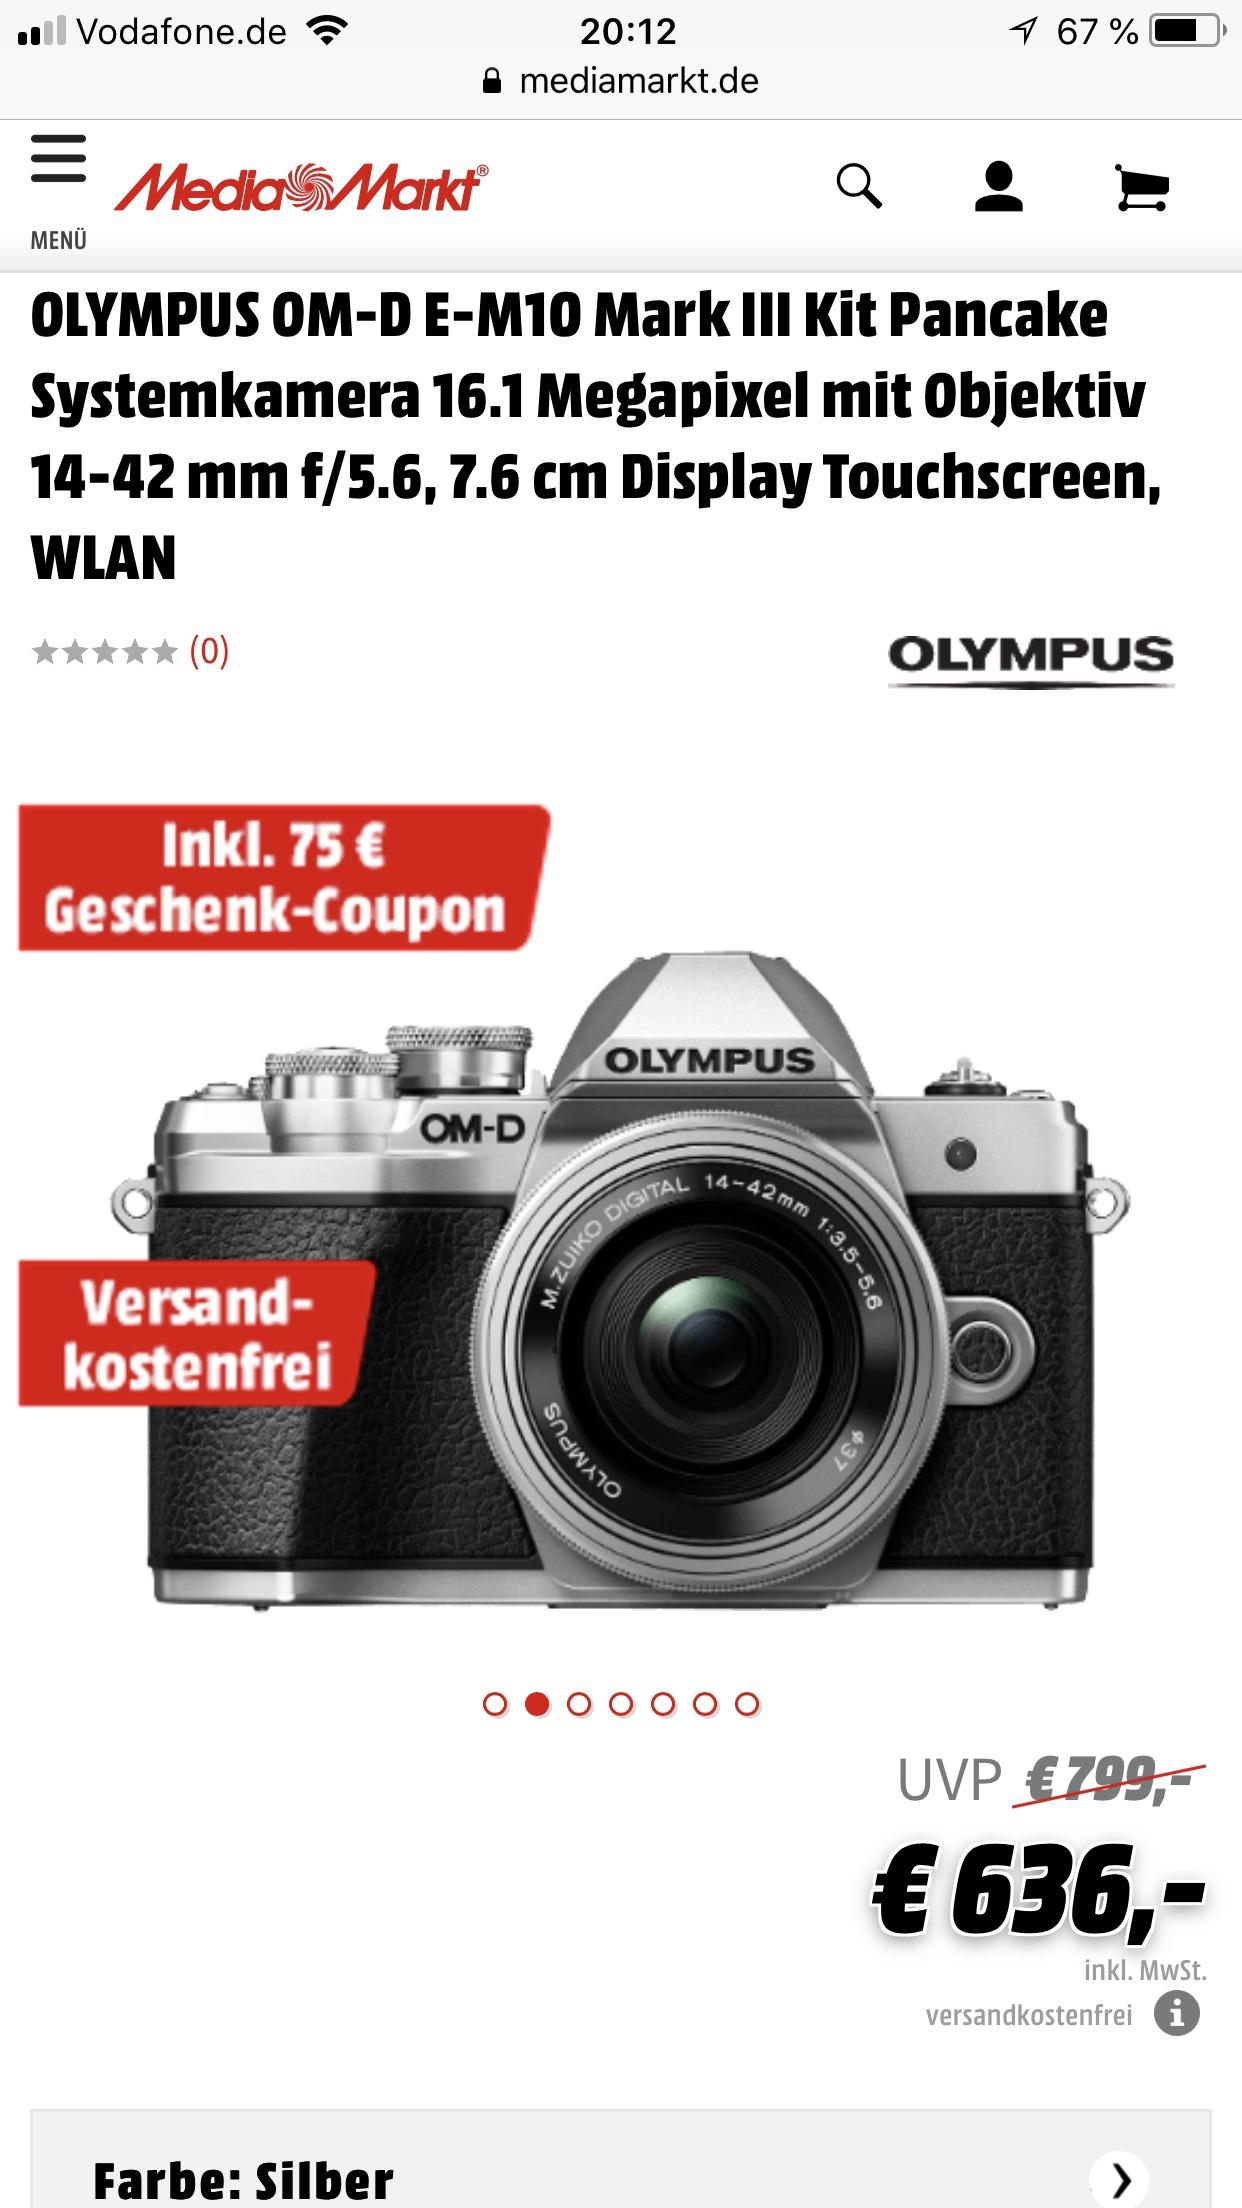 Olympus OM-D E-M10 Mark III mFT Kamera in der Fotonacht bei Media Markt